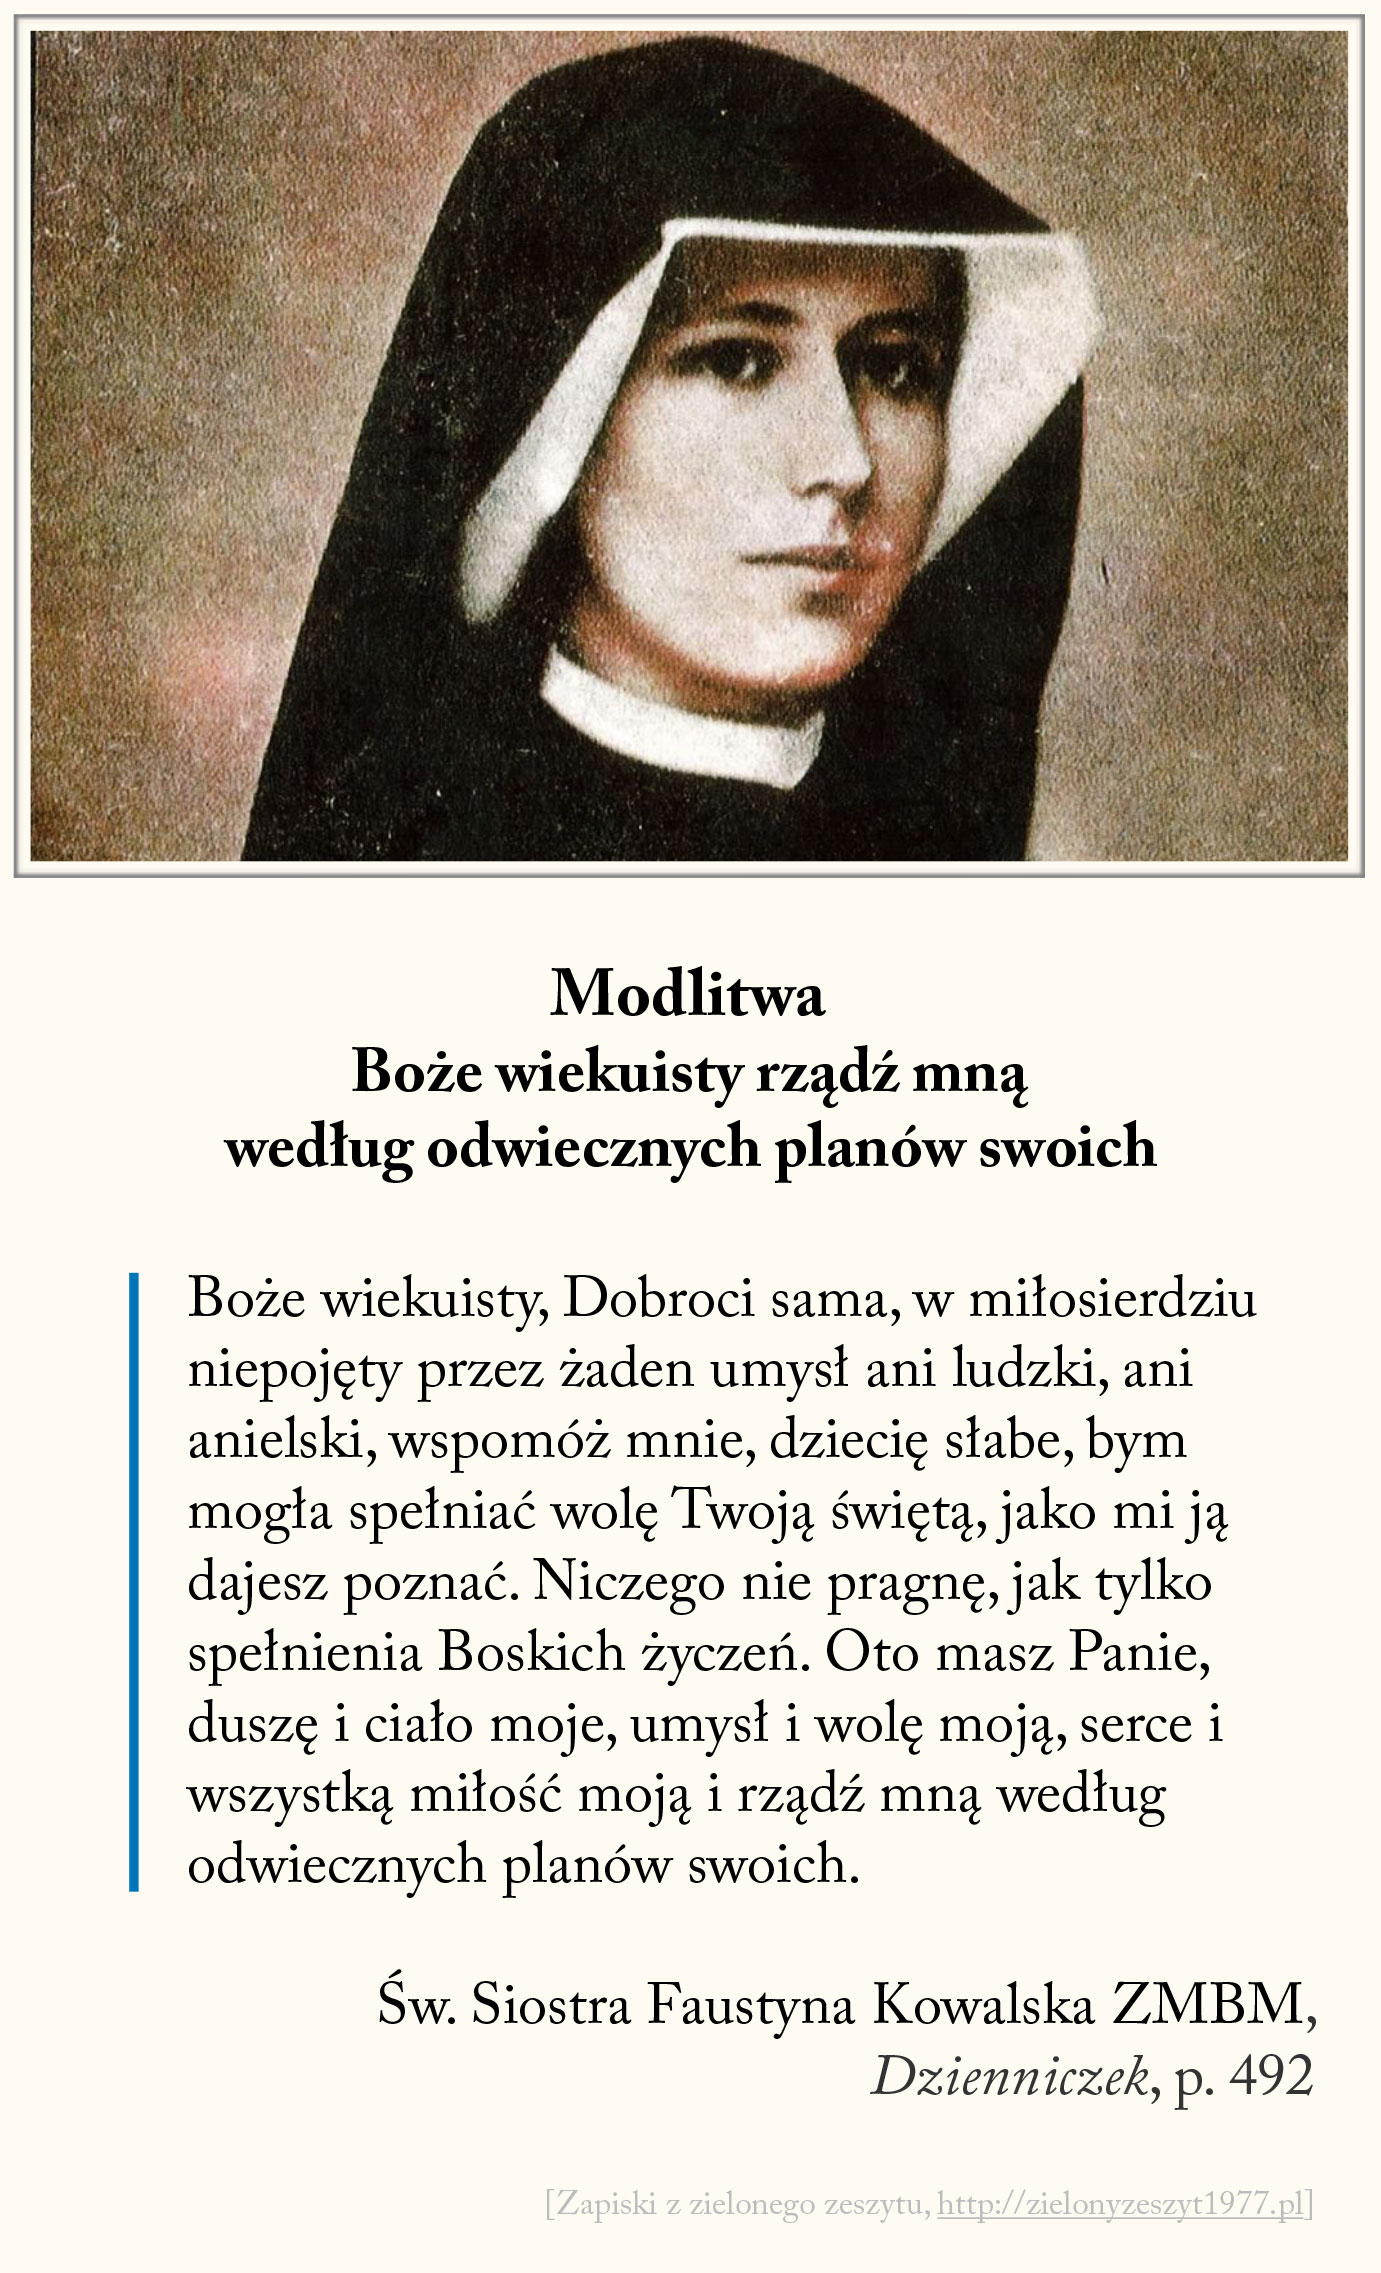 Modlitwa - Boże wiekuisty rządź mną według odwiecznych planów swoich, św. Faustyna Kowalska